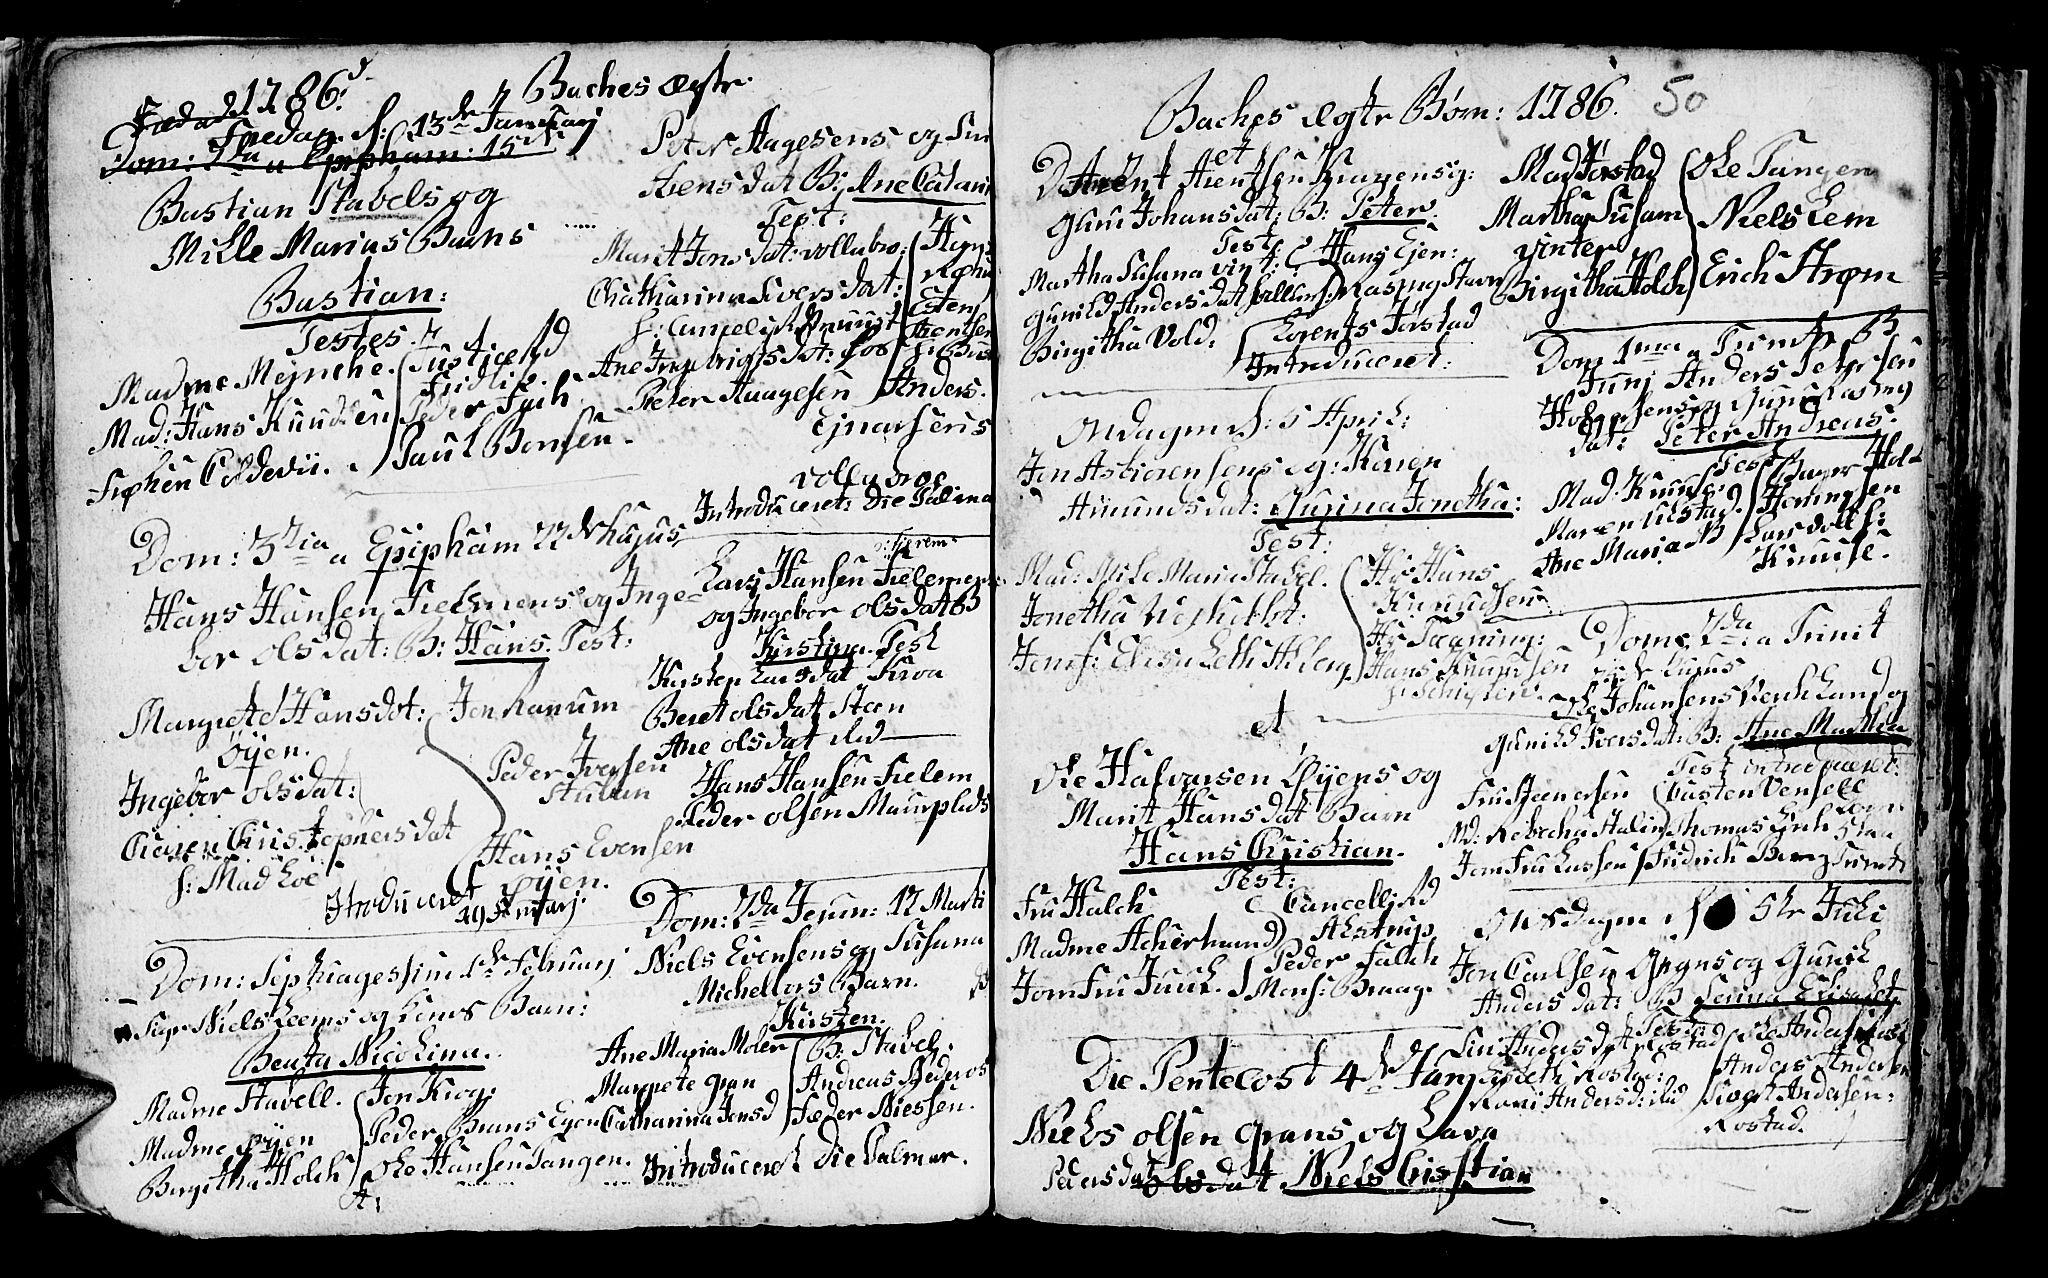 SAT, Ministerialprotokoller, klokkerbøker og fødselsregistre - Sør-Trøndelag, 604/L0218: Klokkerbok nr. 604C01, 1754-1819, s. 50